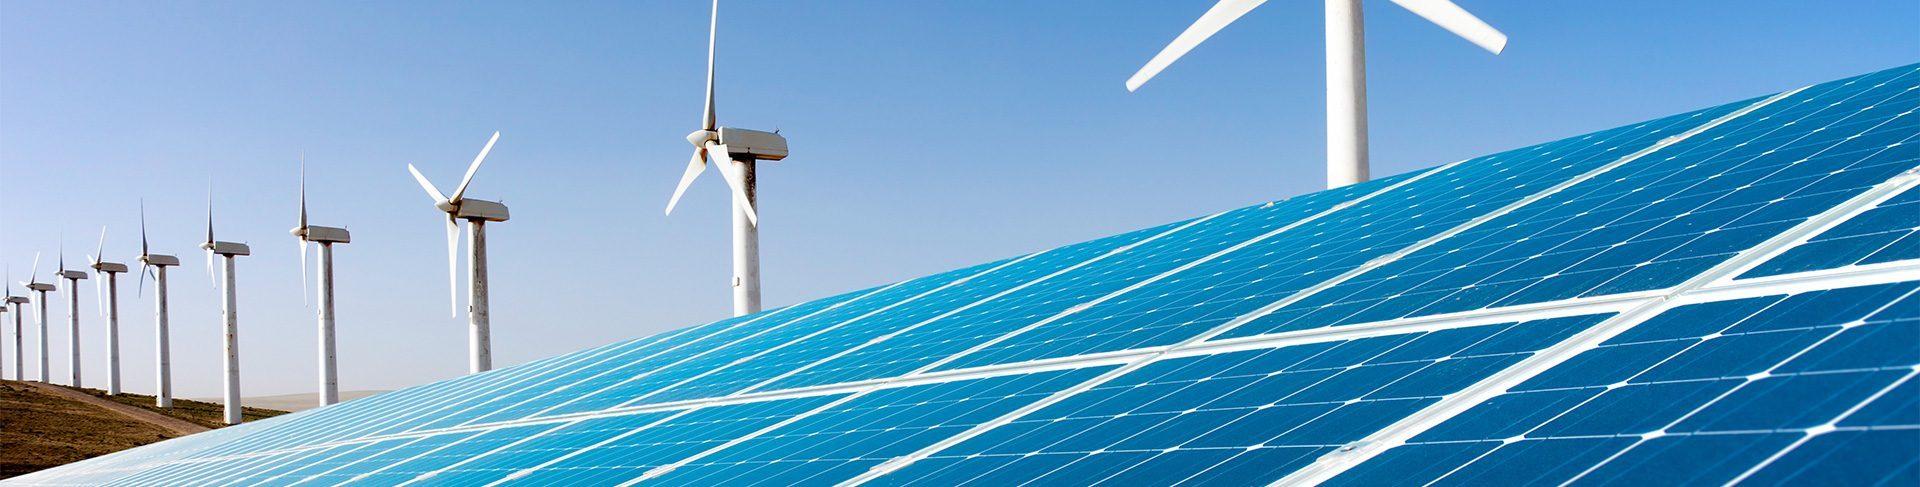 Evlerde Solar Güneş Panel Montajı